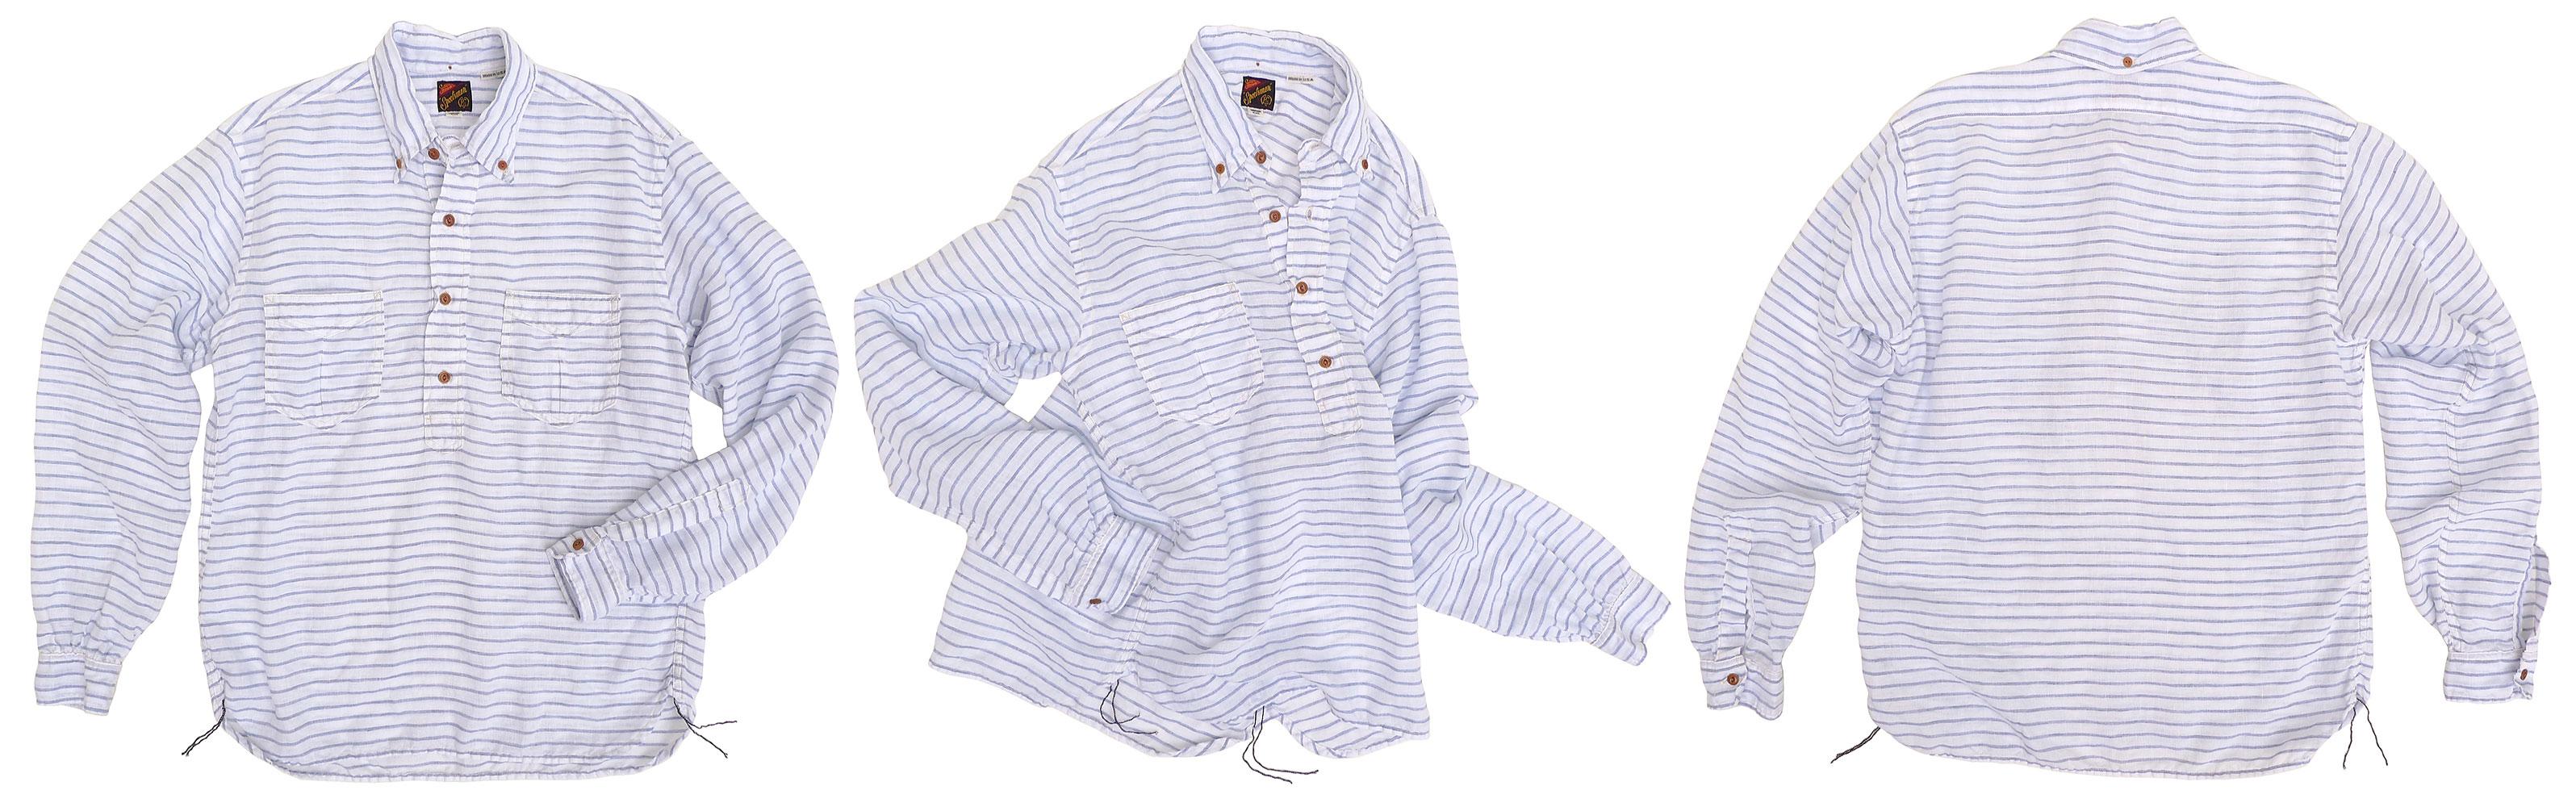 2e8e7d4532 Mister Freedom® BERKELEY pull-over shirt, NOS Italian Linen, Sportsman  Catalog Spring 2019, Made in USA.